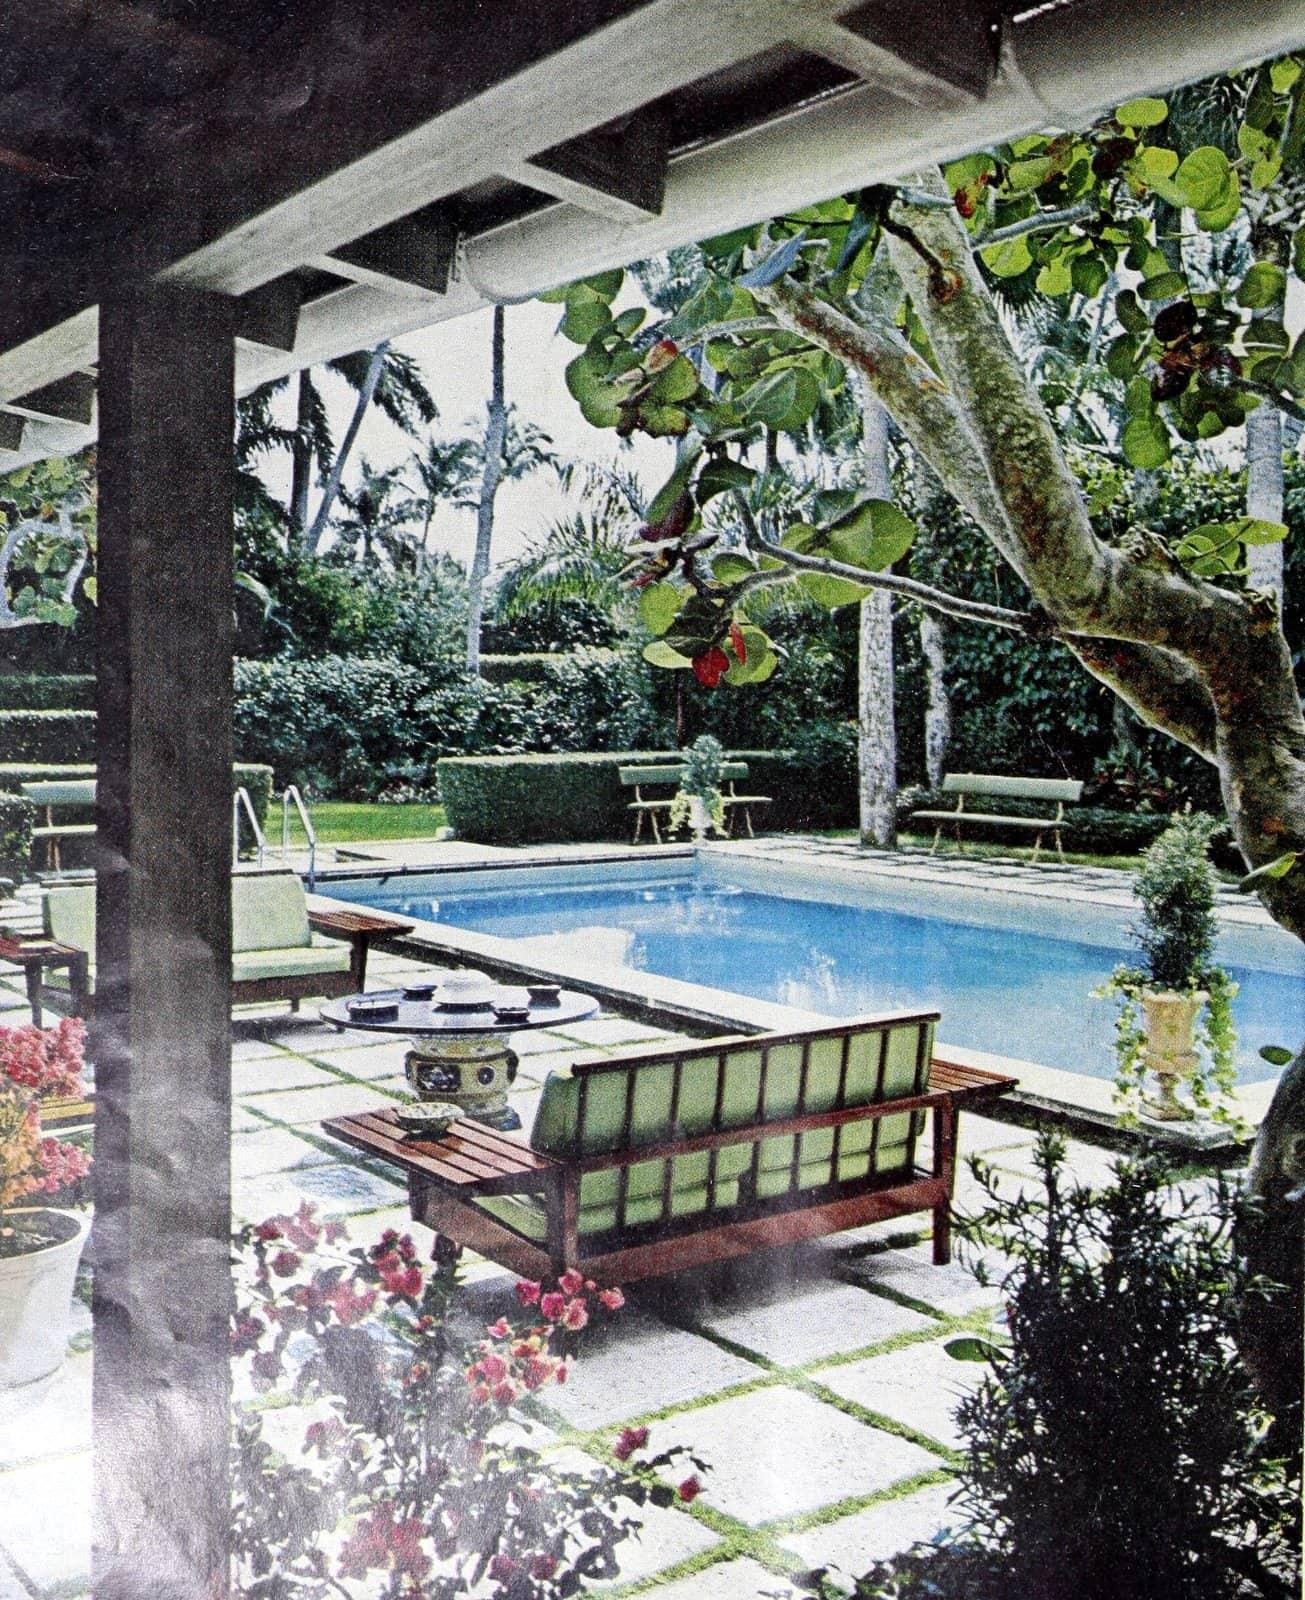 Serene pool and backyard scene in Palm Beach (1969)